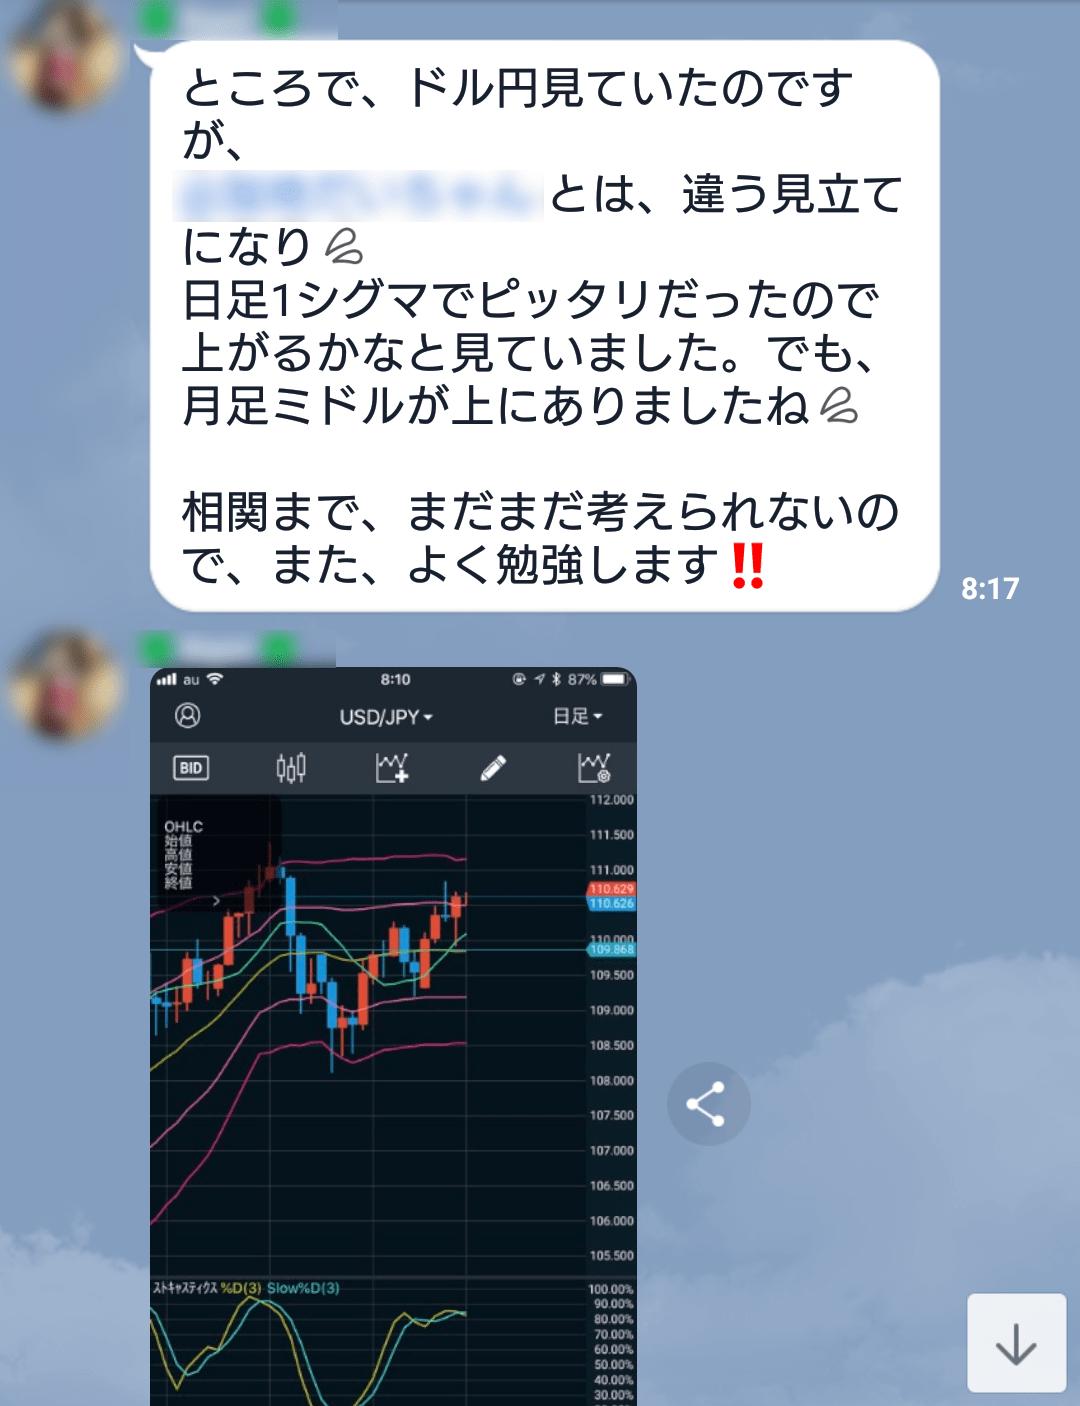 メンバーさんによるドル円考察